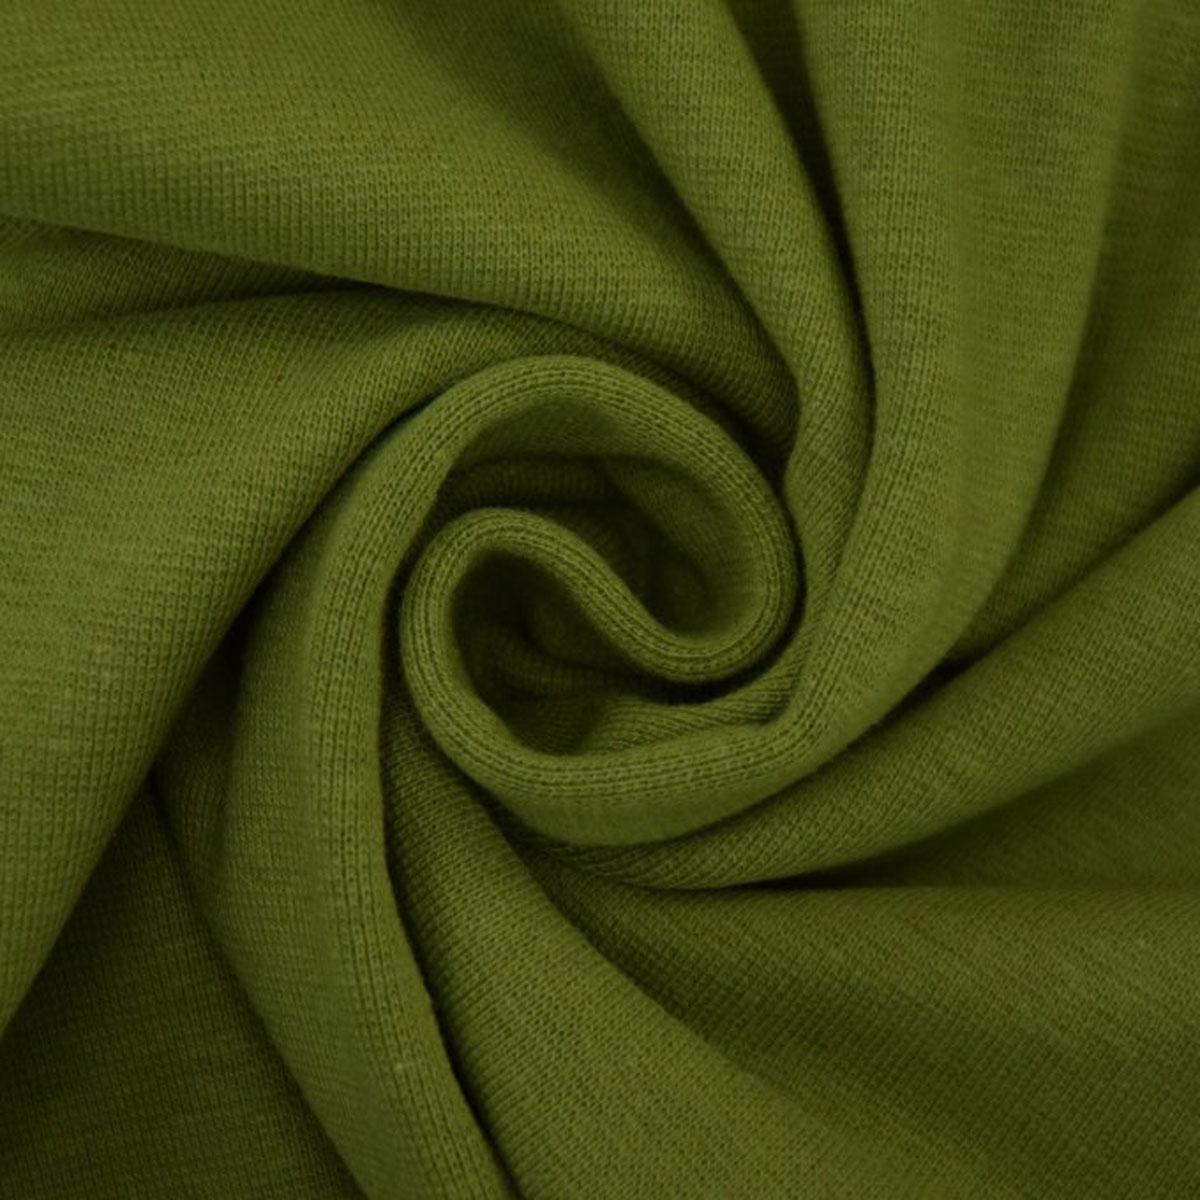 50cm Bündchen / Schlauchware glatt olivgrün 5032